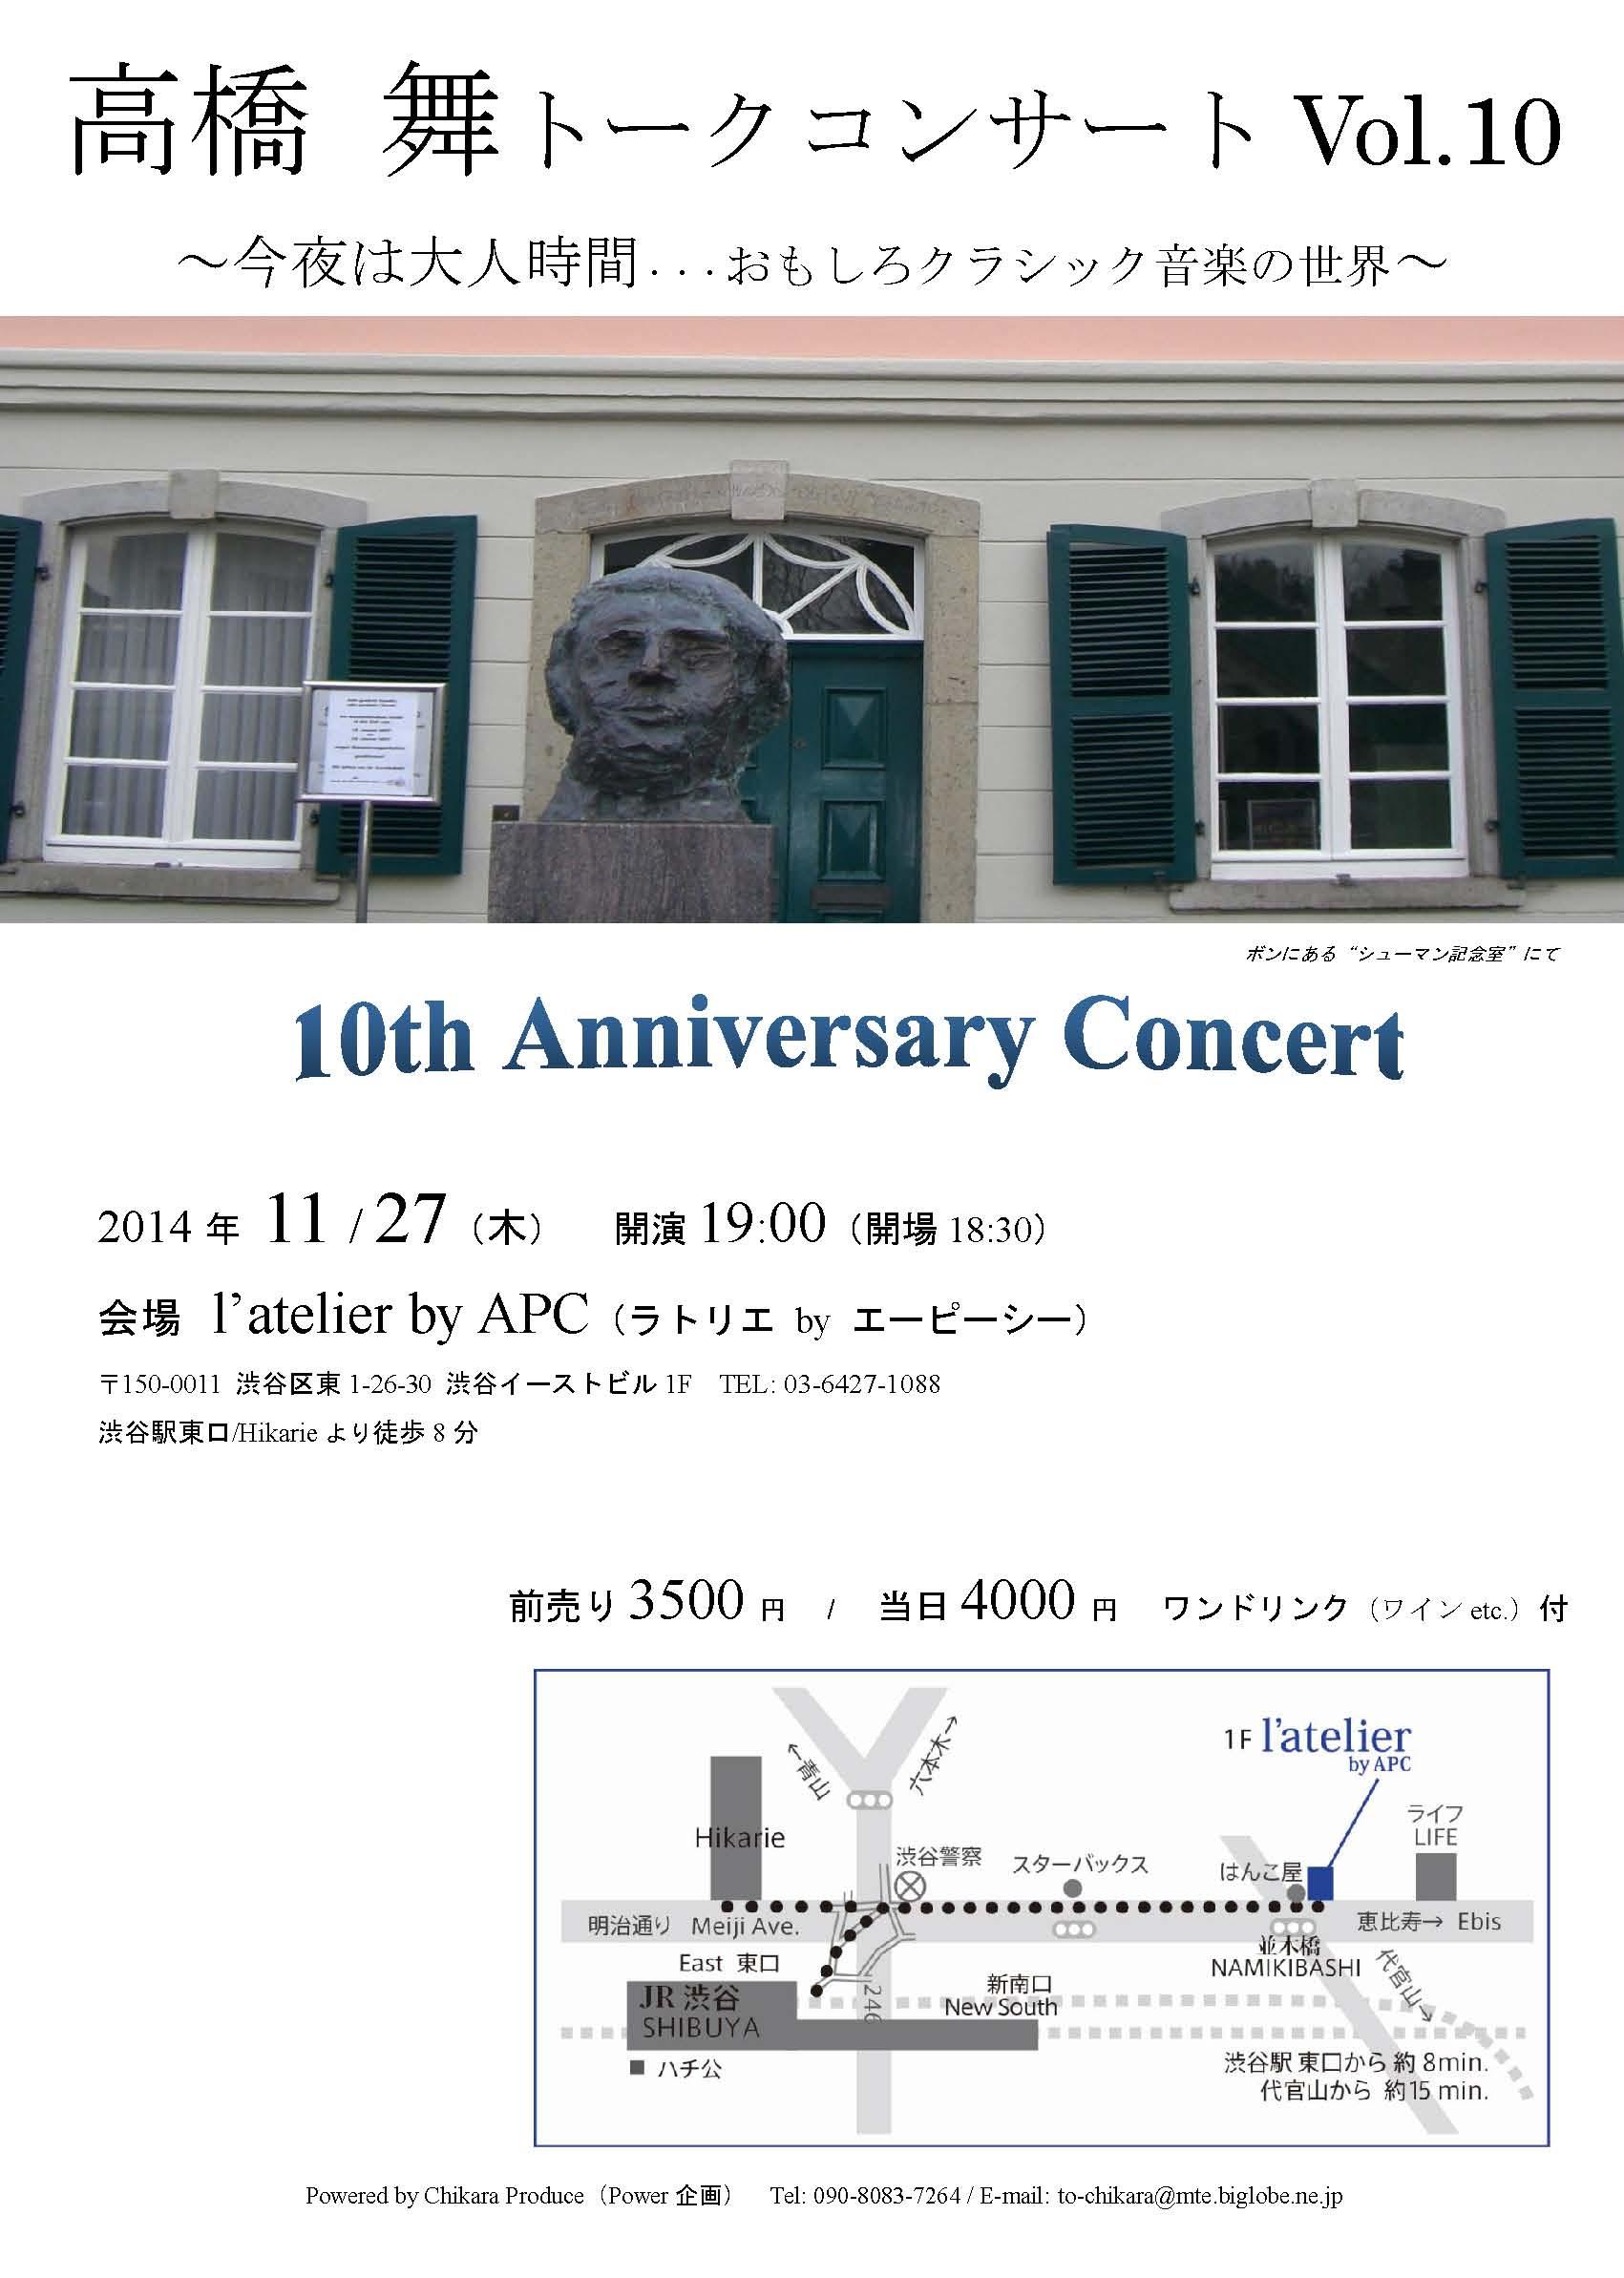 トークコンサートVol.10のお知らせ_f0178060_17461439.jpg